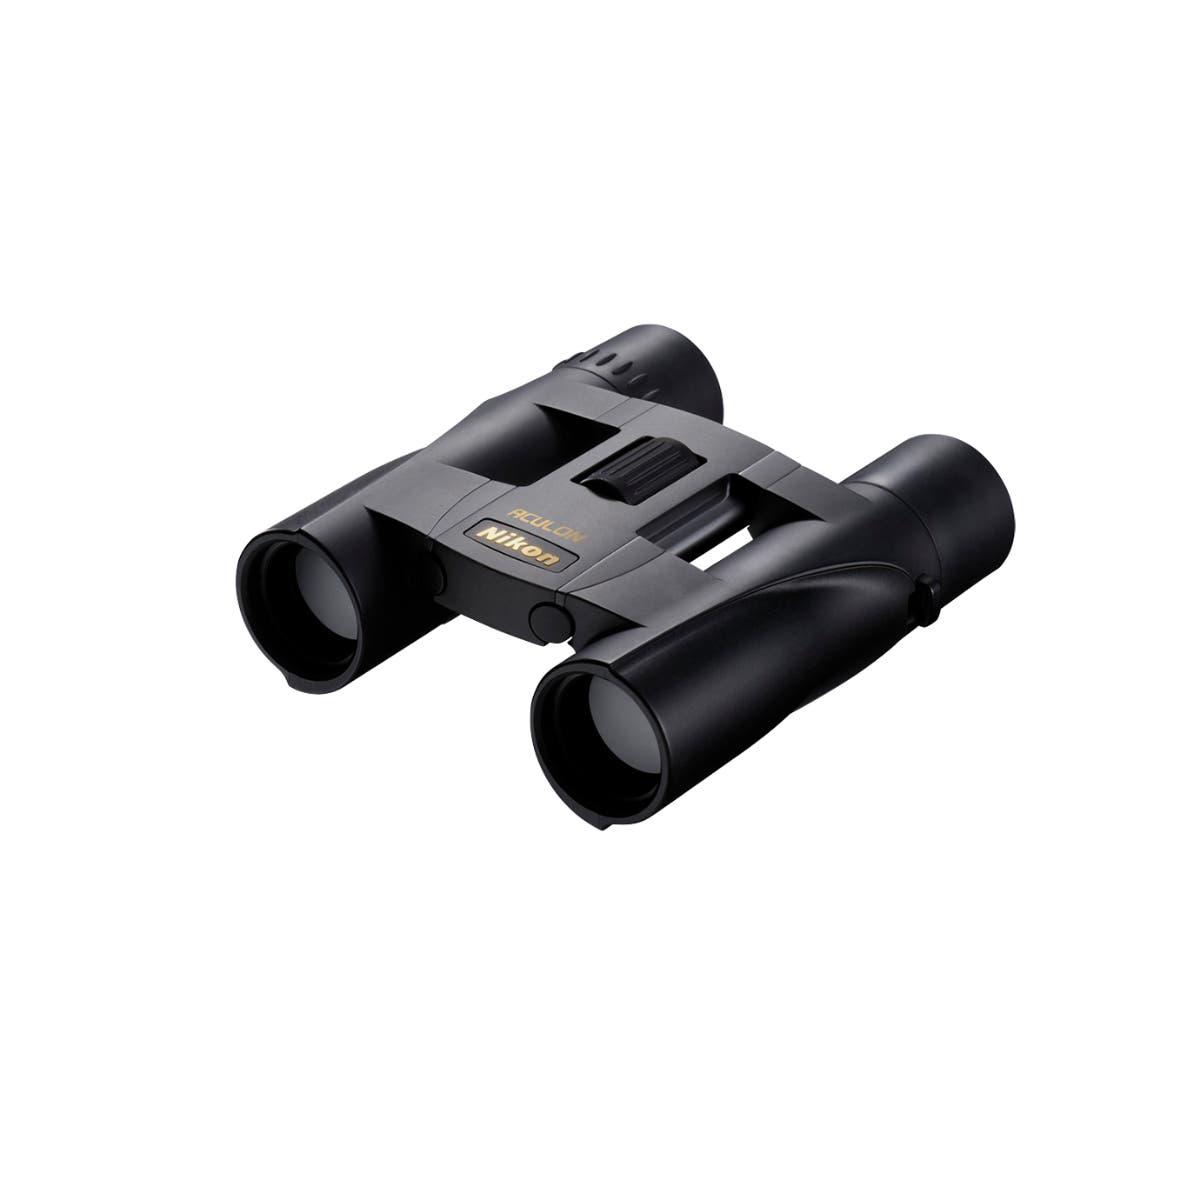 ACULON A30 8x25 BLACK